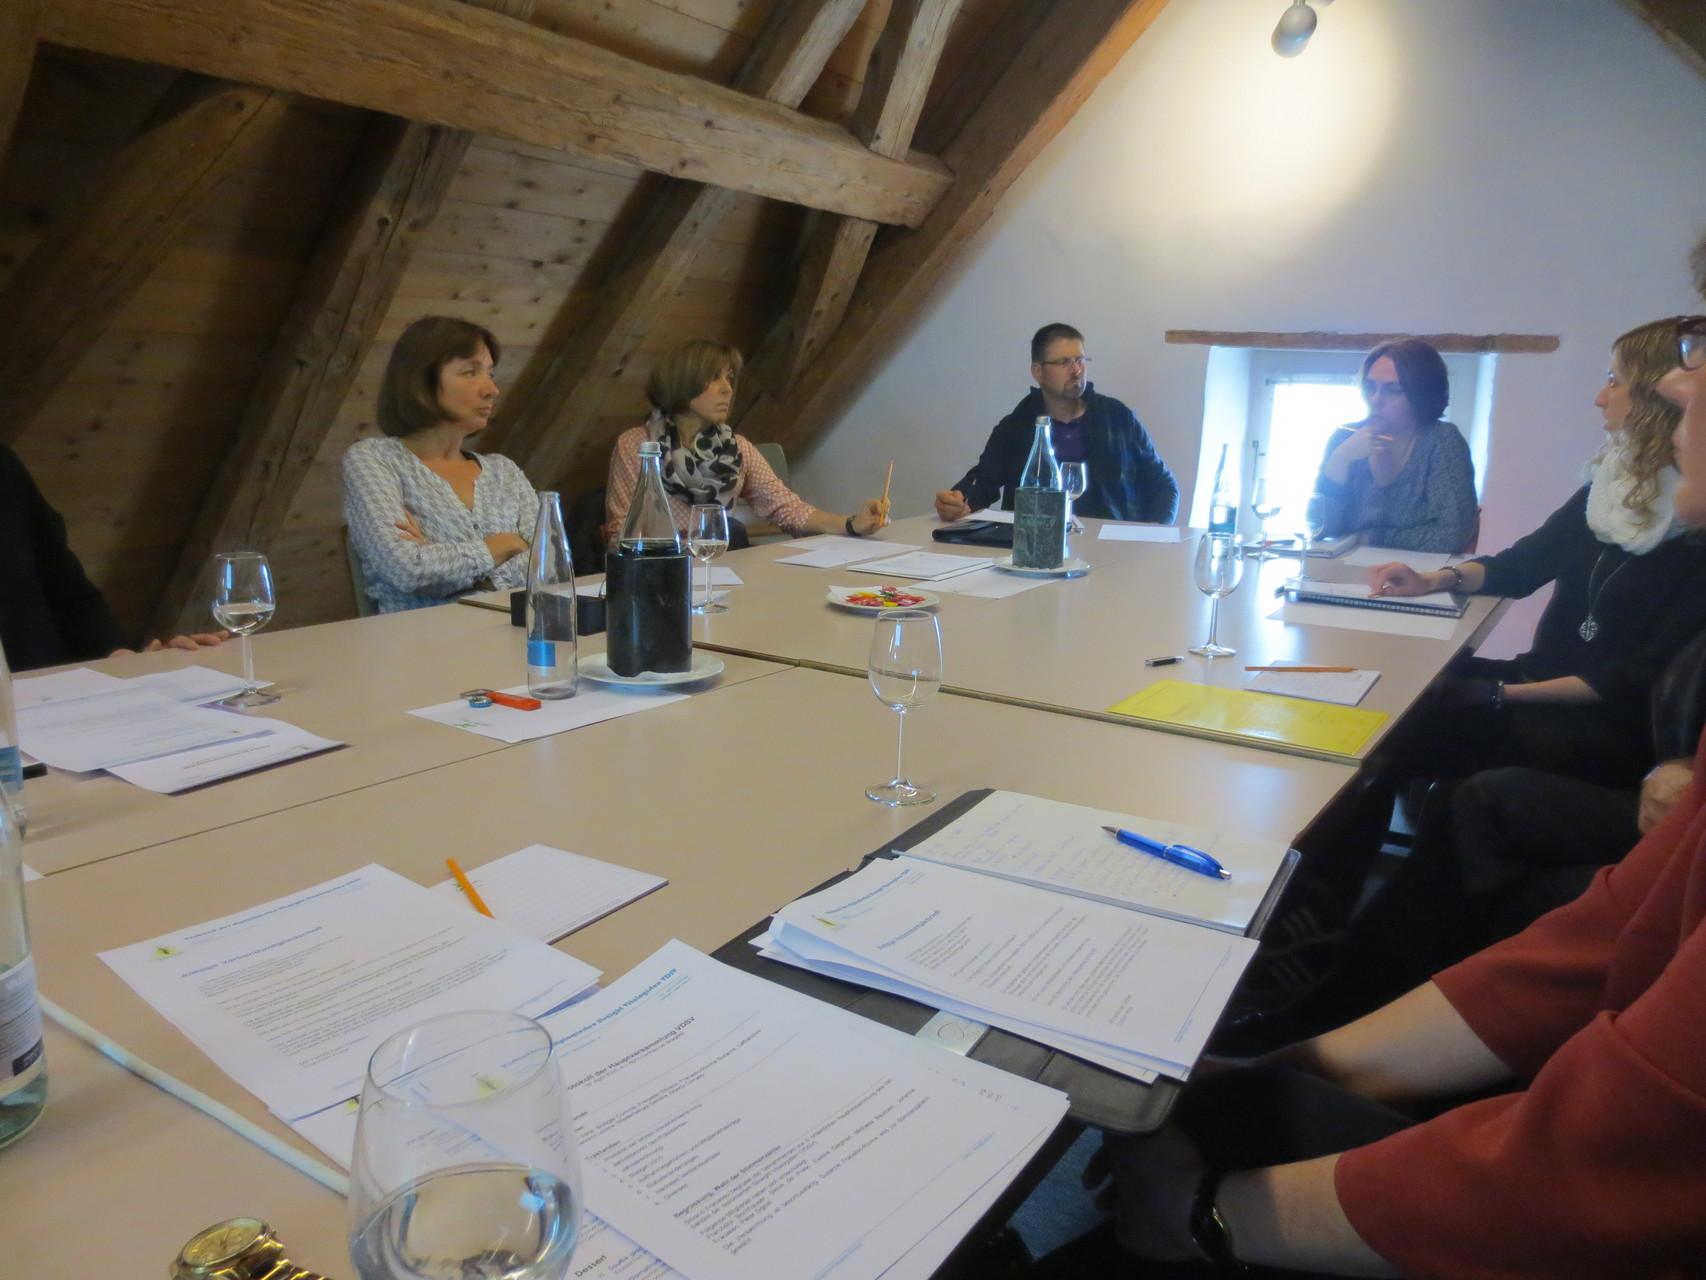 Die teilnehmenden Verbandsmitglieder.., aufgenommen im Zuge der Traktandenabhandlung an der HV VDSV 2016